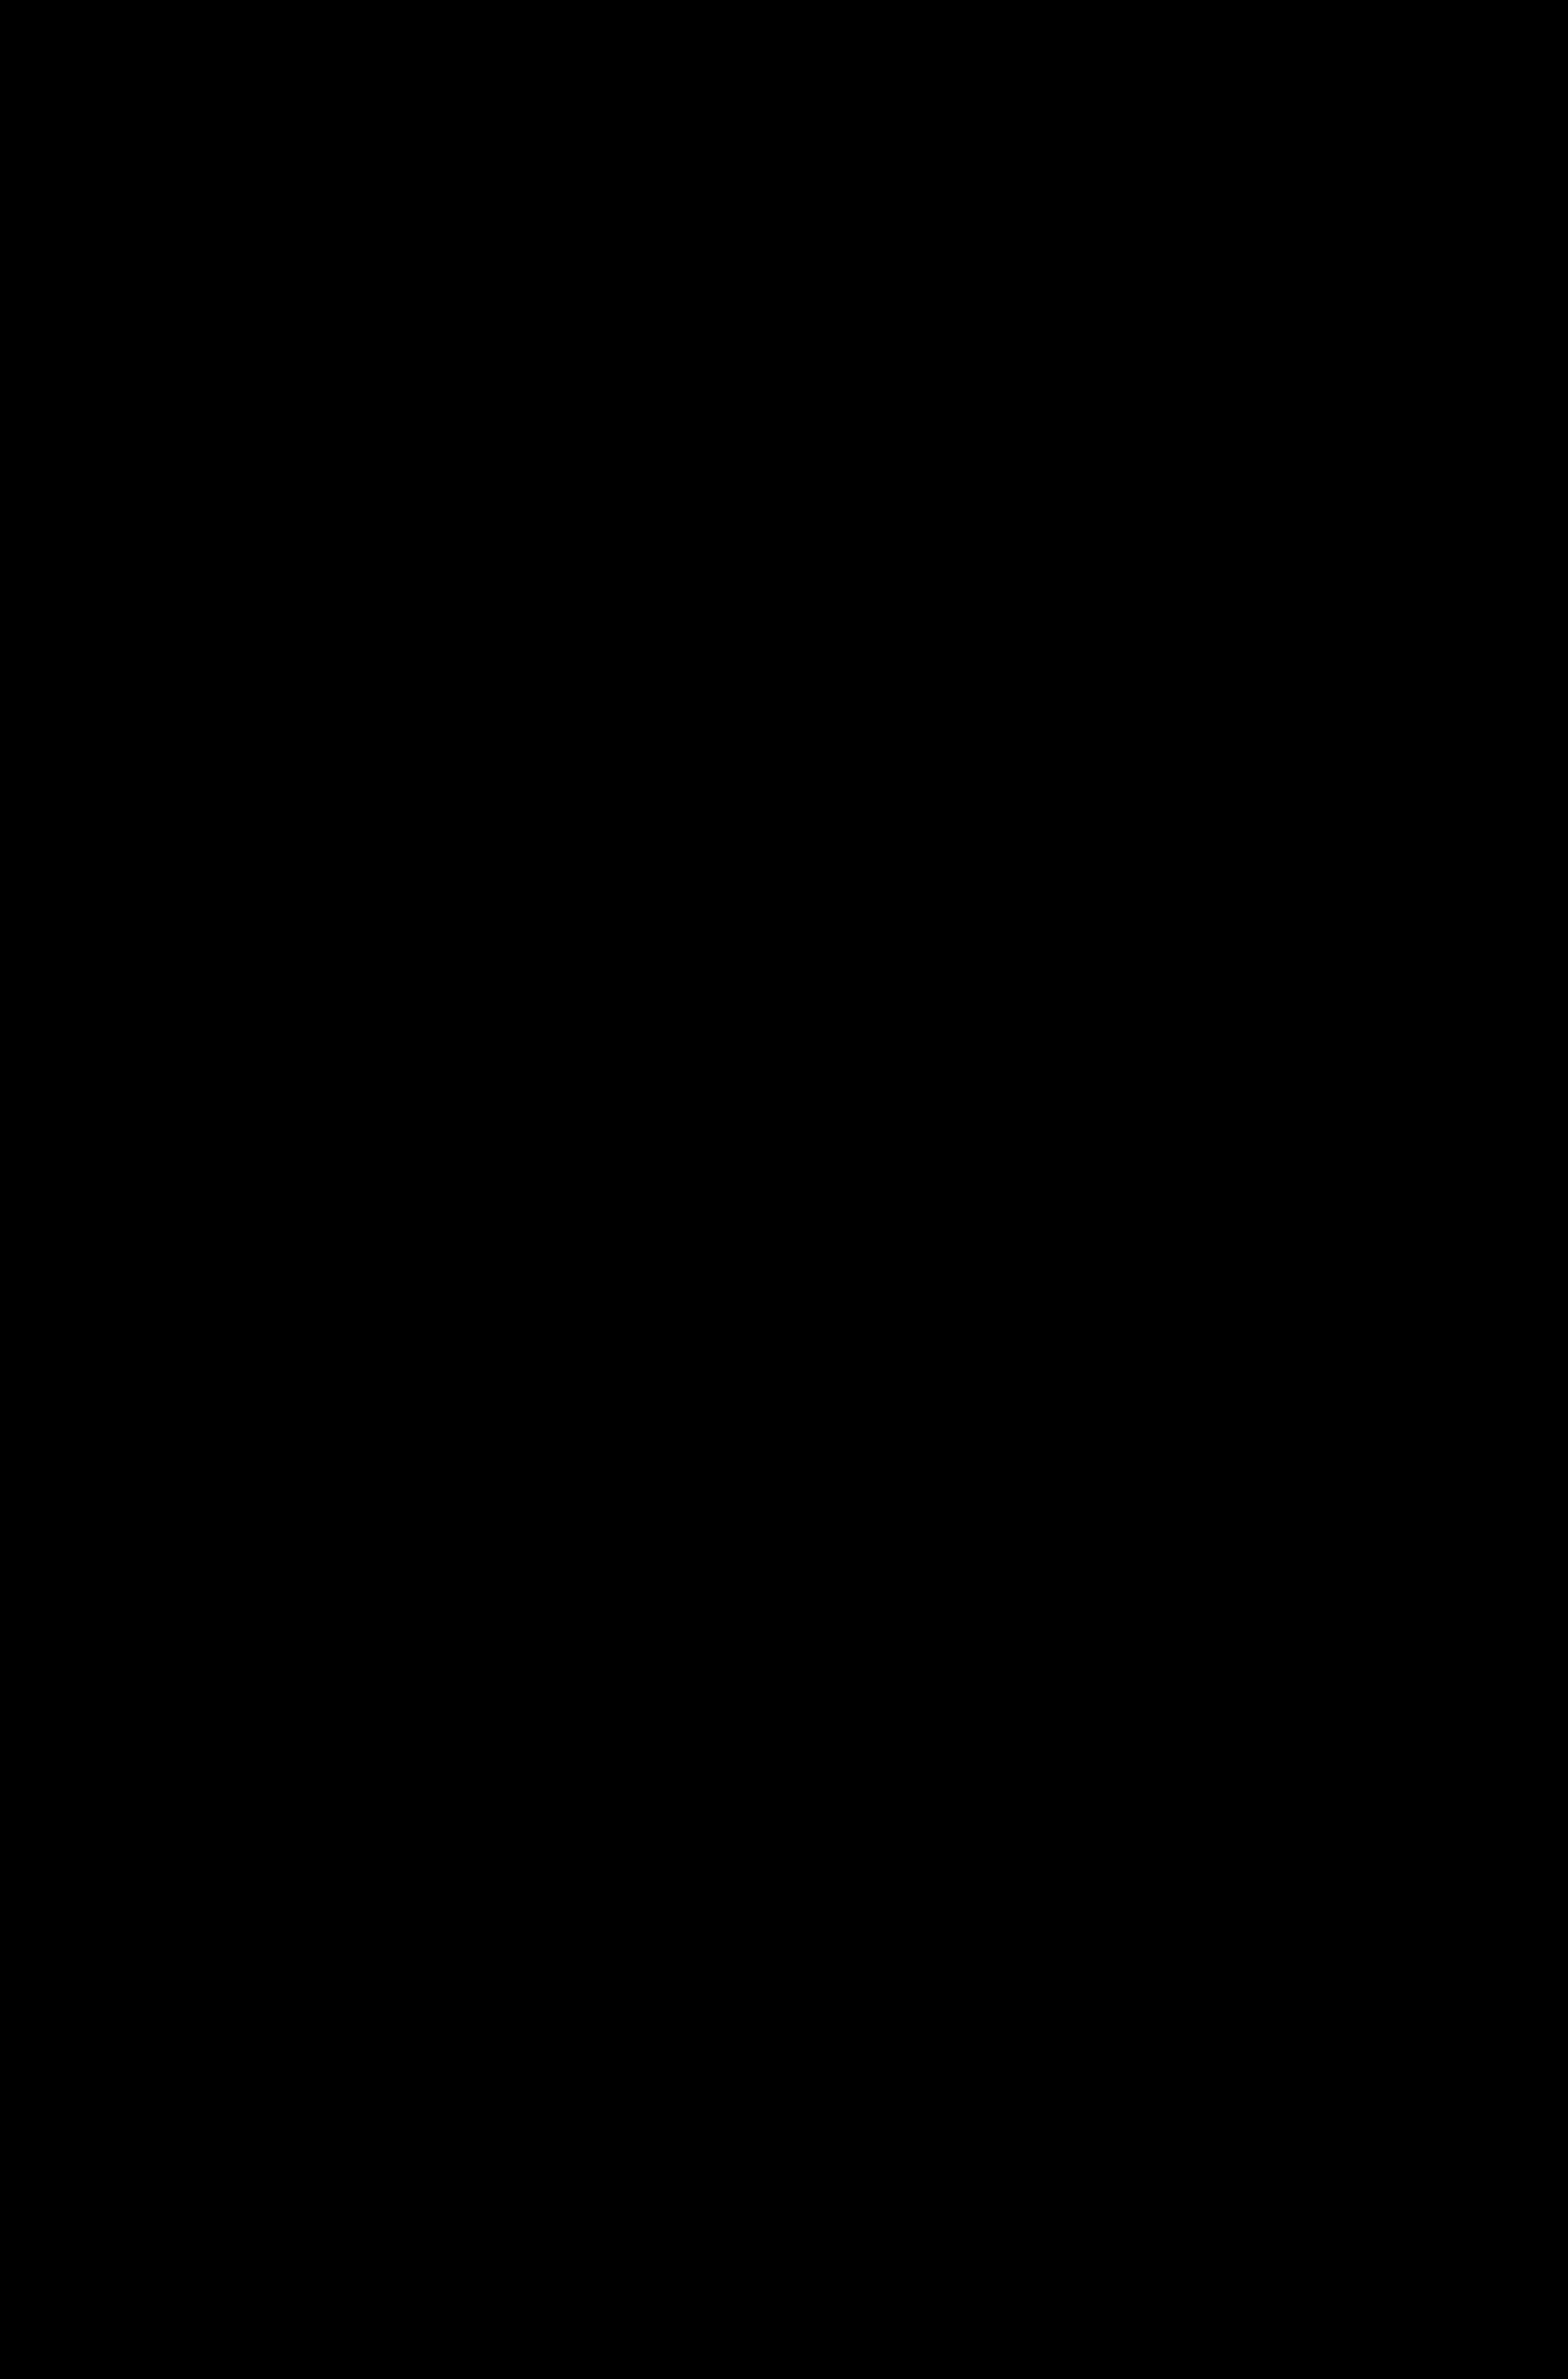 Migration-und-Integration-der-Auslandschinesen-in-Deutschland-Hui-wen-von